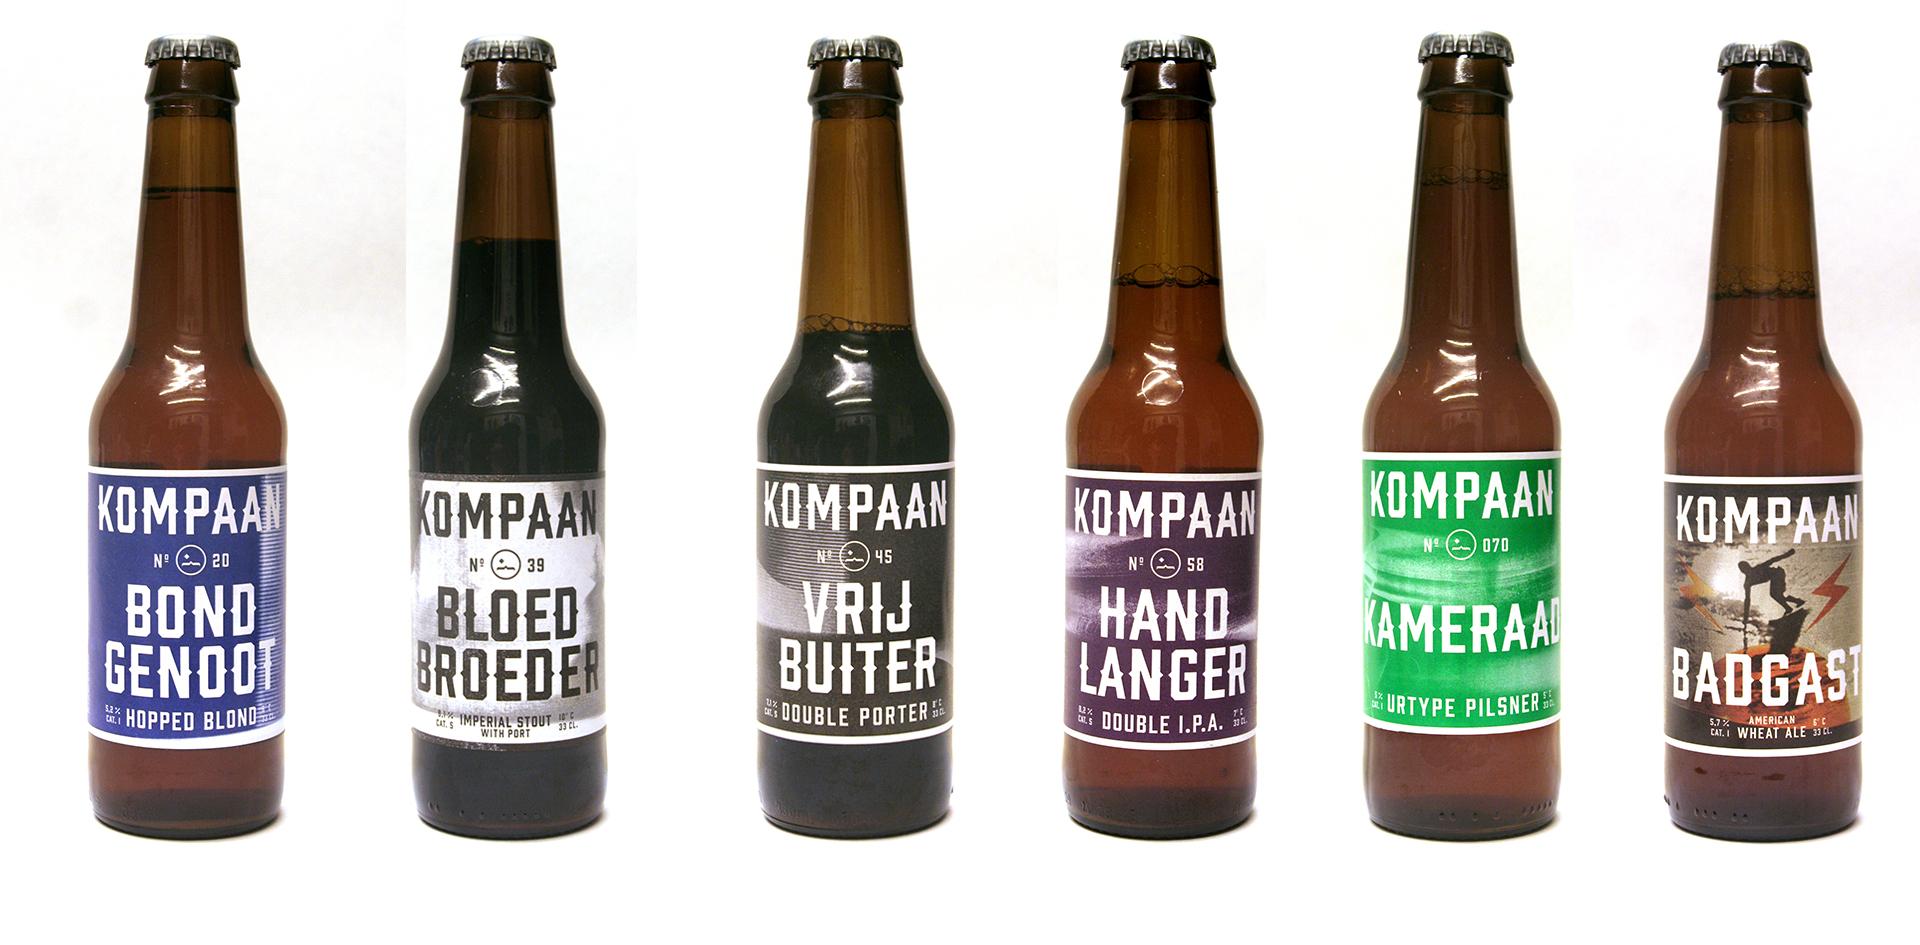 nectar-utrecht-pils-bier-brouwerij-nederland-den-haag-kompaan-assortiment